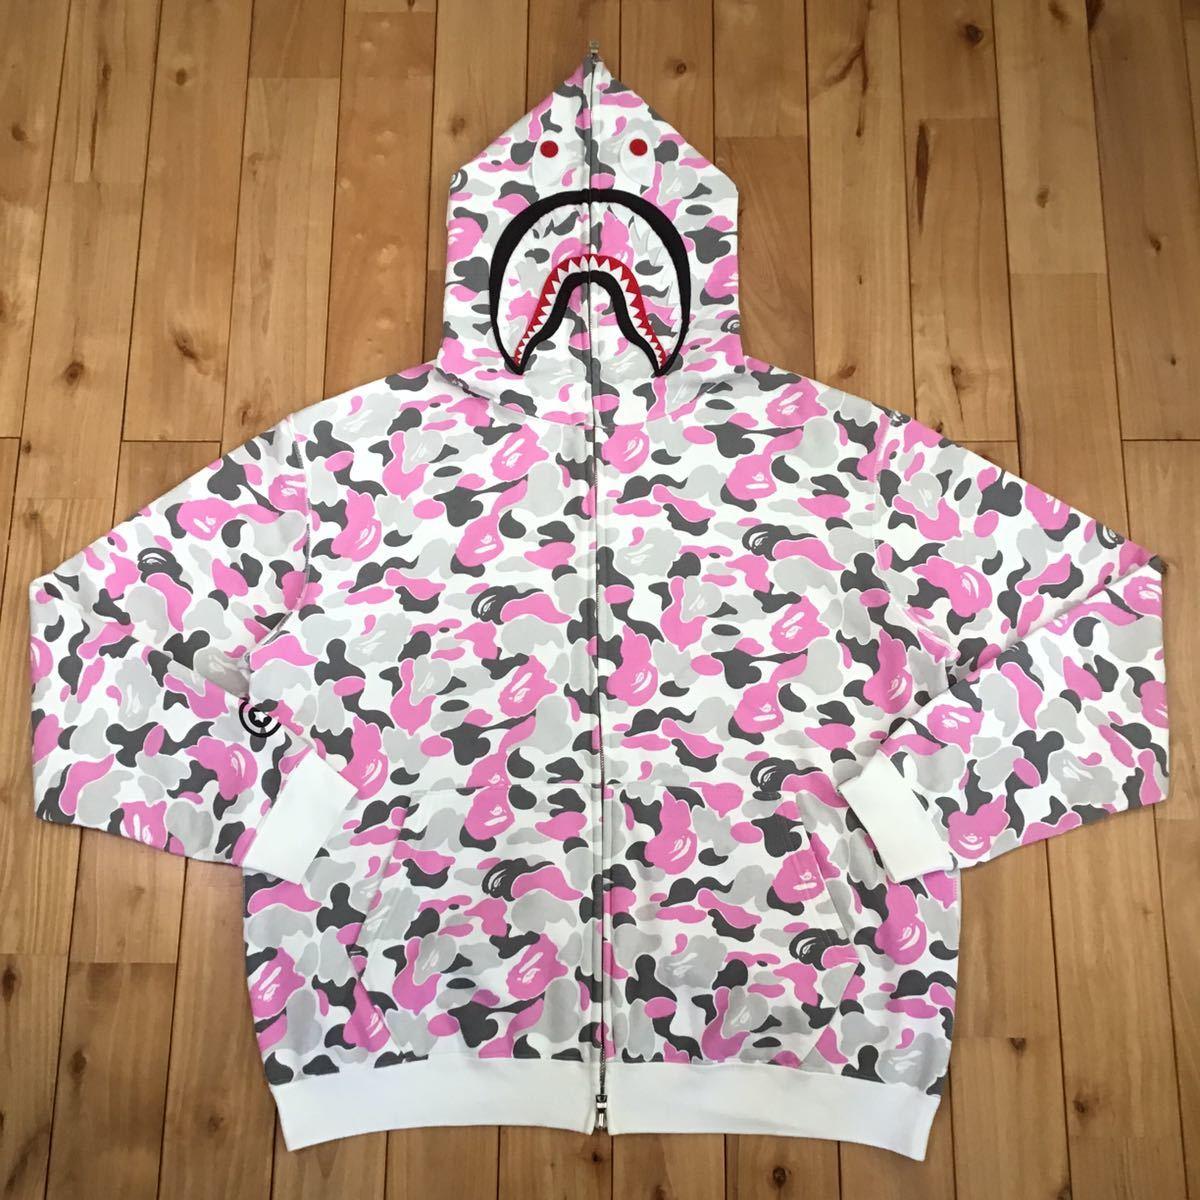 ★金沢限定★ kanazawa city camo シャーク パーカー Lサイズ shark full zip hoodie a bathing ape BAPE エイプ ベイプ 都市限定 迷彩 331